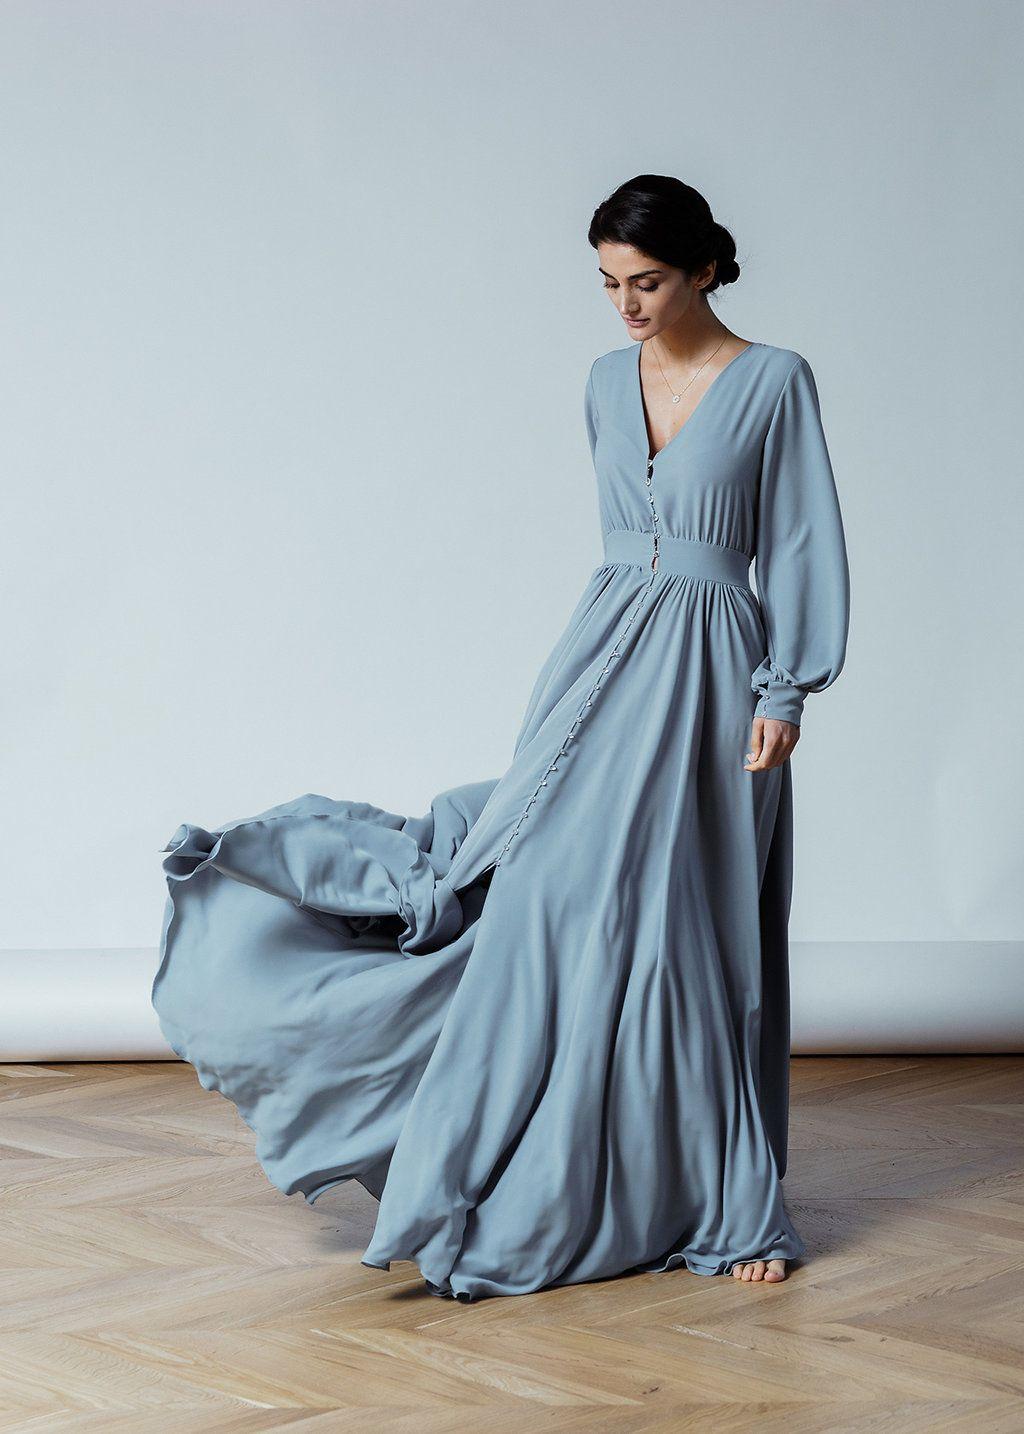 extrem einzigartig Genieße den reduzierten Preis großer Rabatt Graue Langarm Hochzeit Rivera, schlichtes Brautkleid, chiffon ...